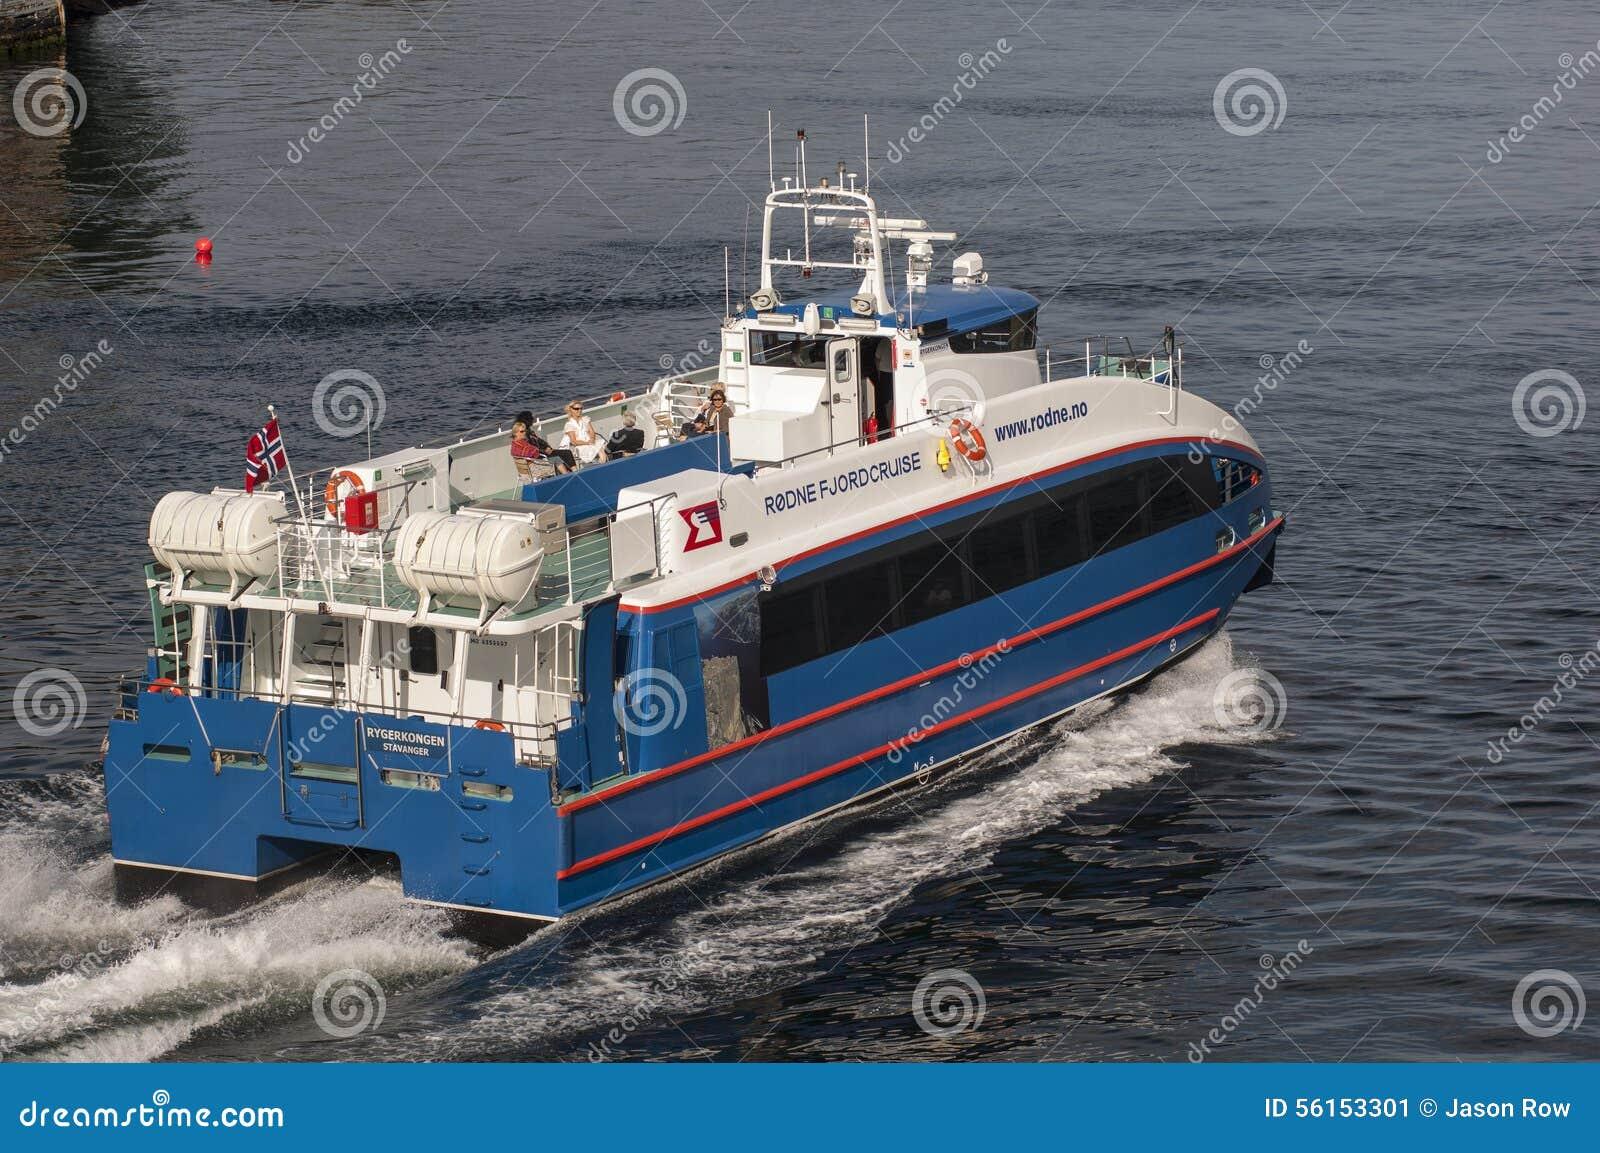 BERGEN/NORWAY - 21. Juni 2007 sind Fährenblätter Rodne Fjordcruise